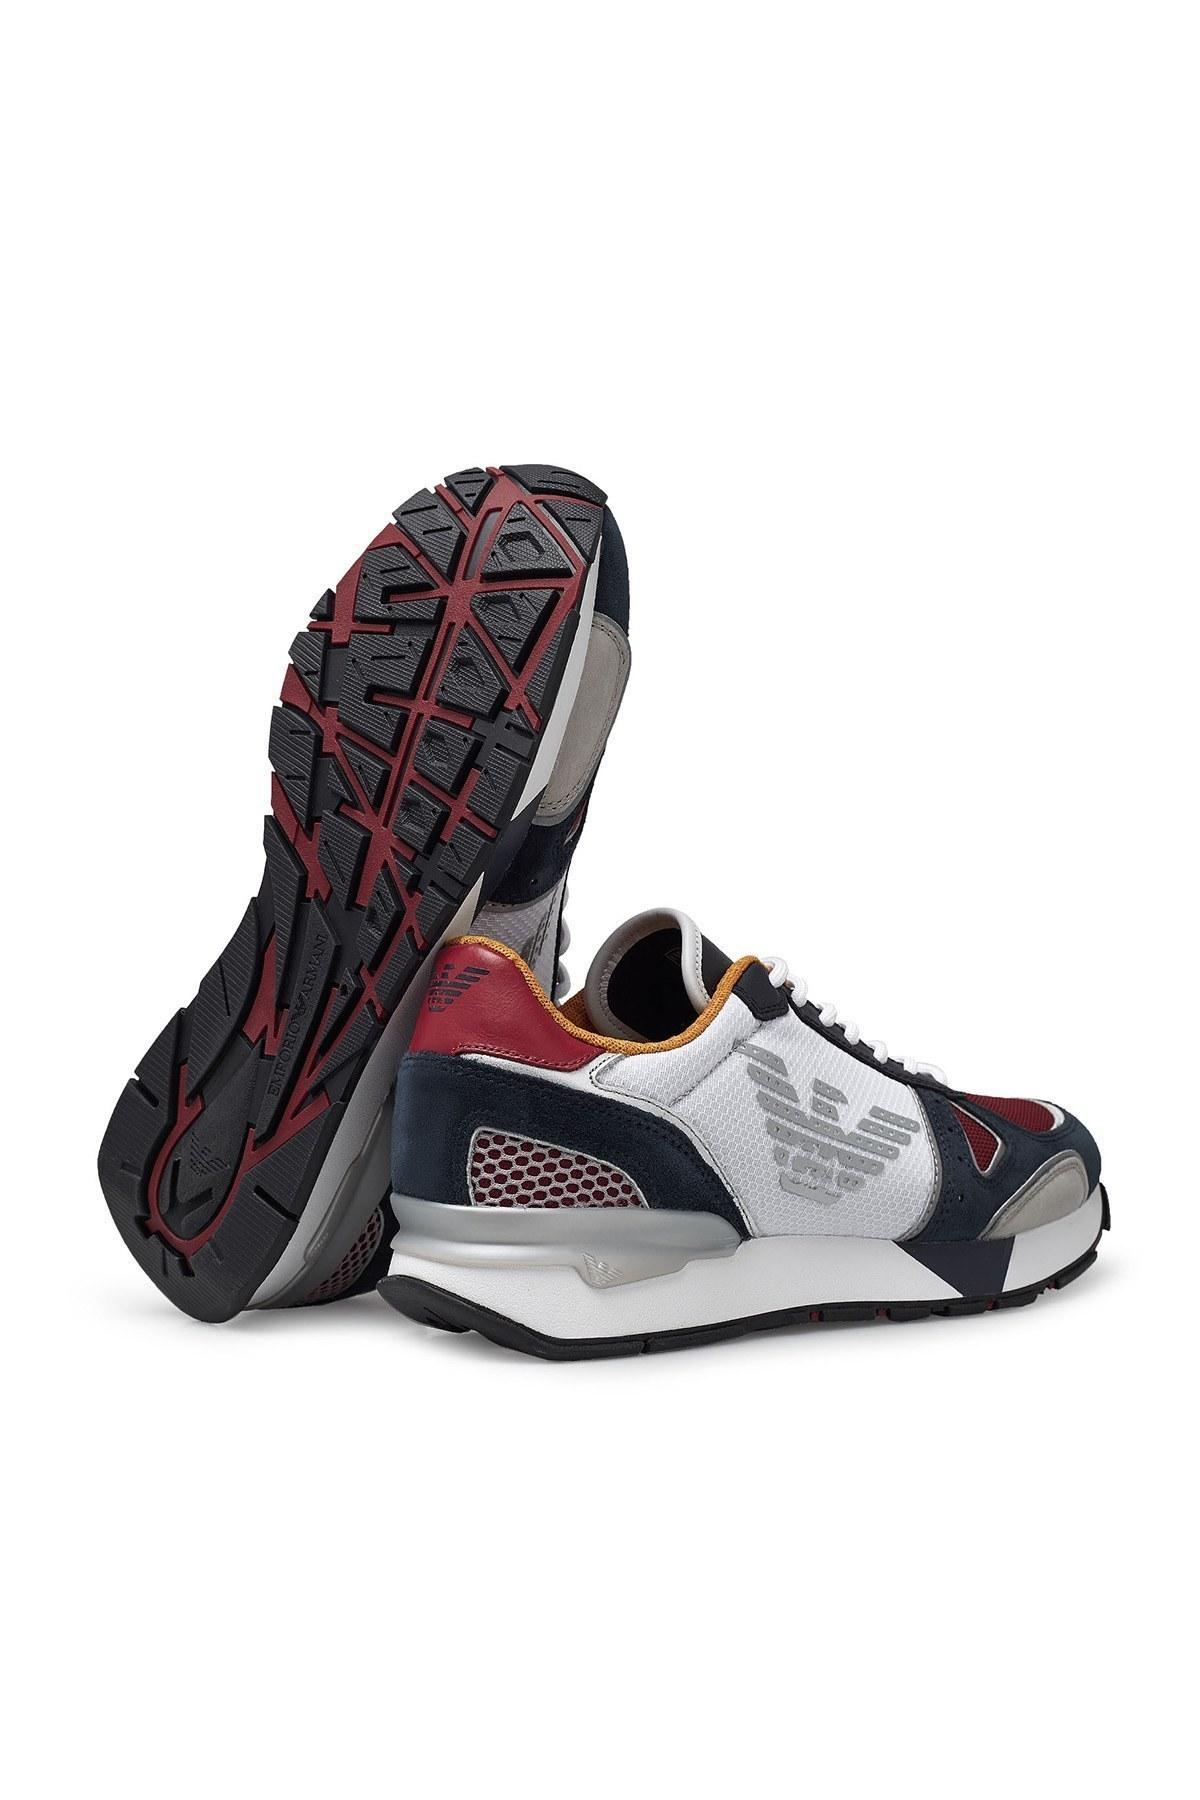 Emporio Armani Sneaker Erkek Ayakkabı X4X289 XM499 N244 BEYAZ-LACİVERT